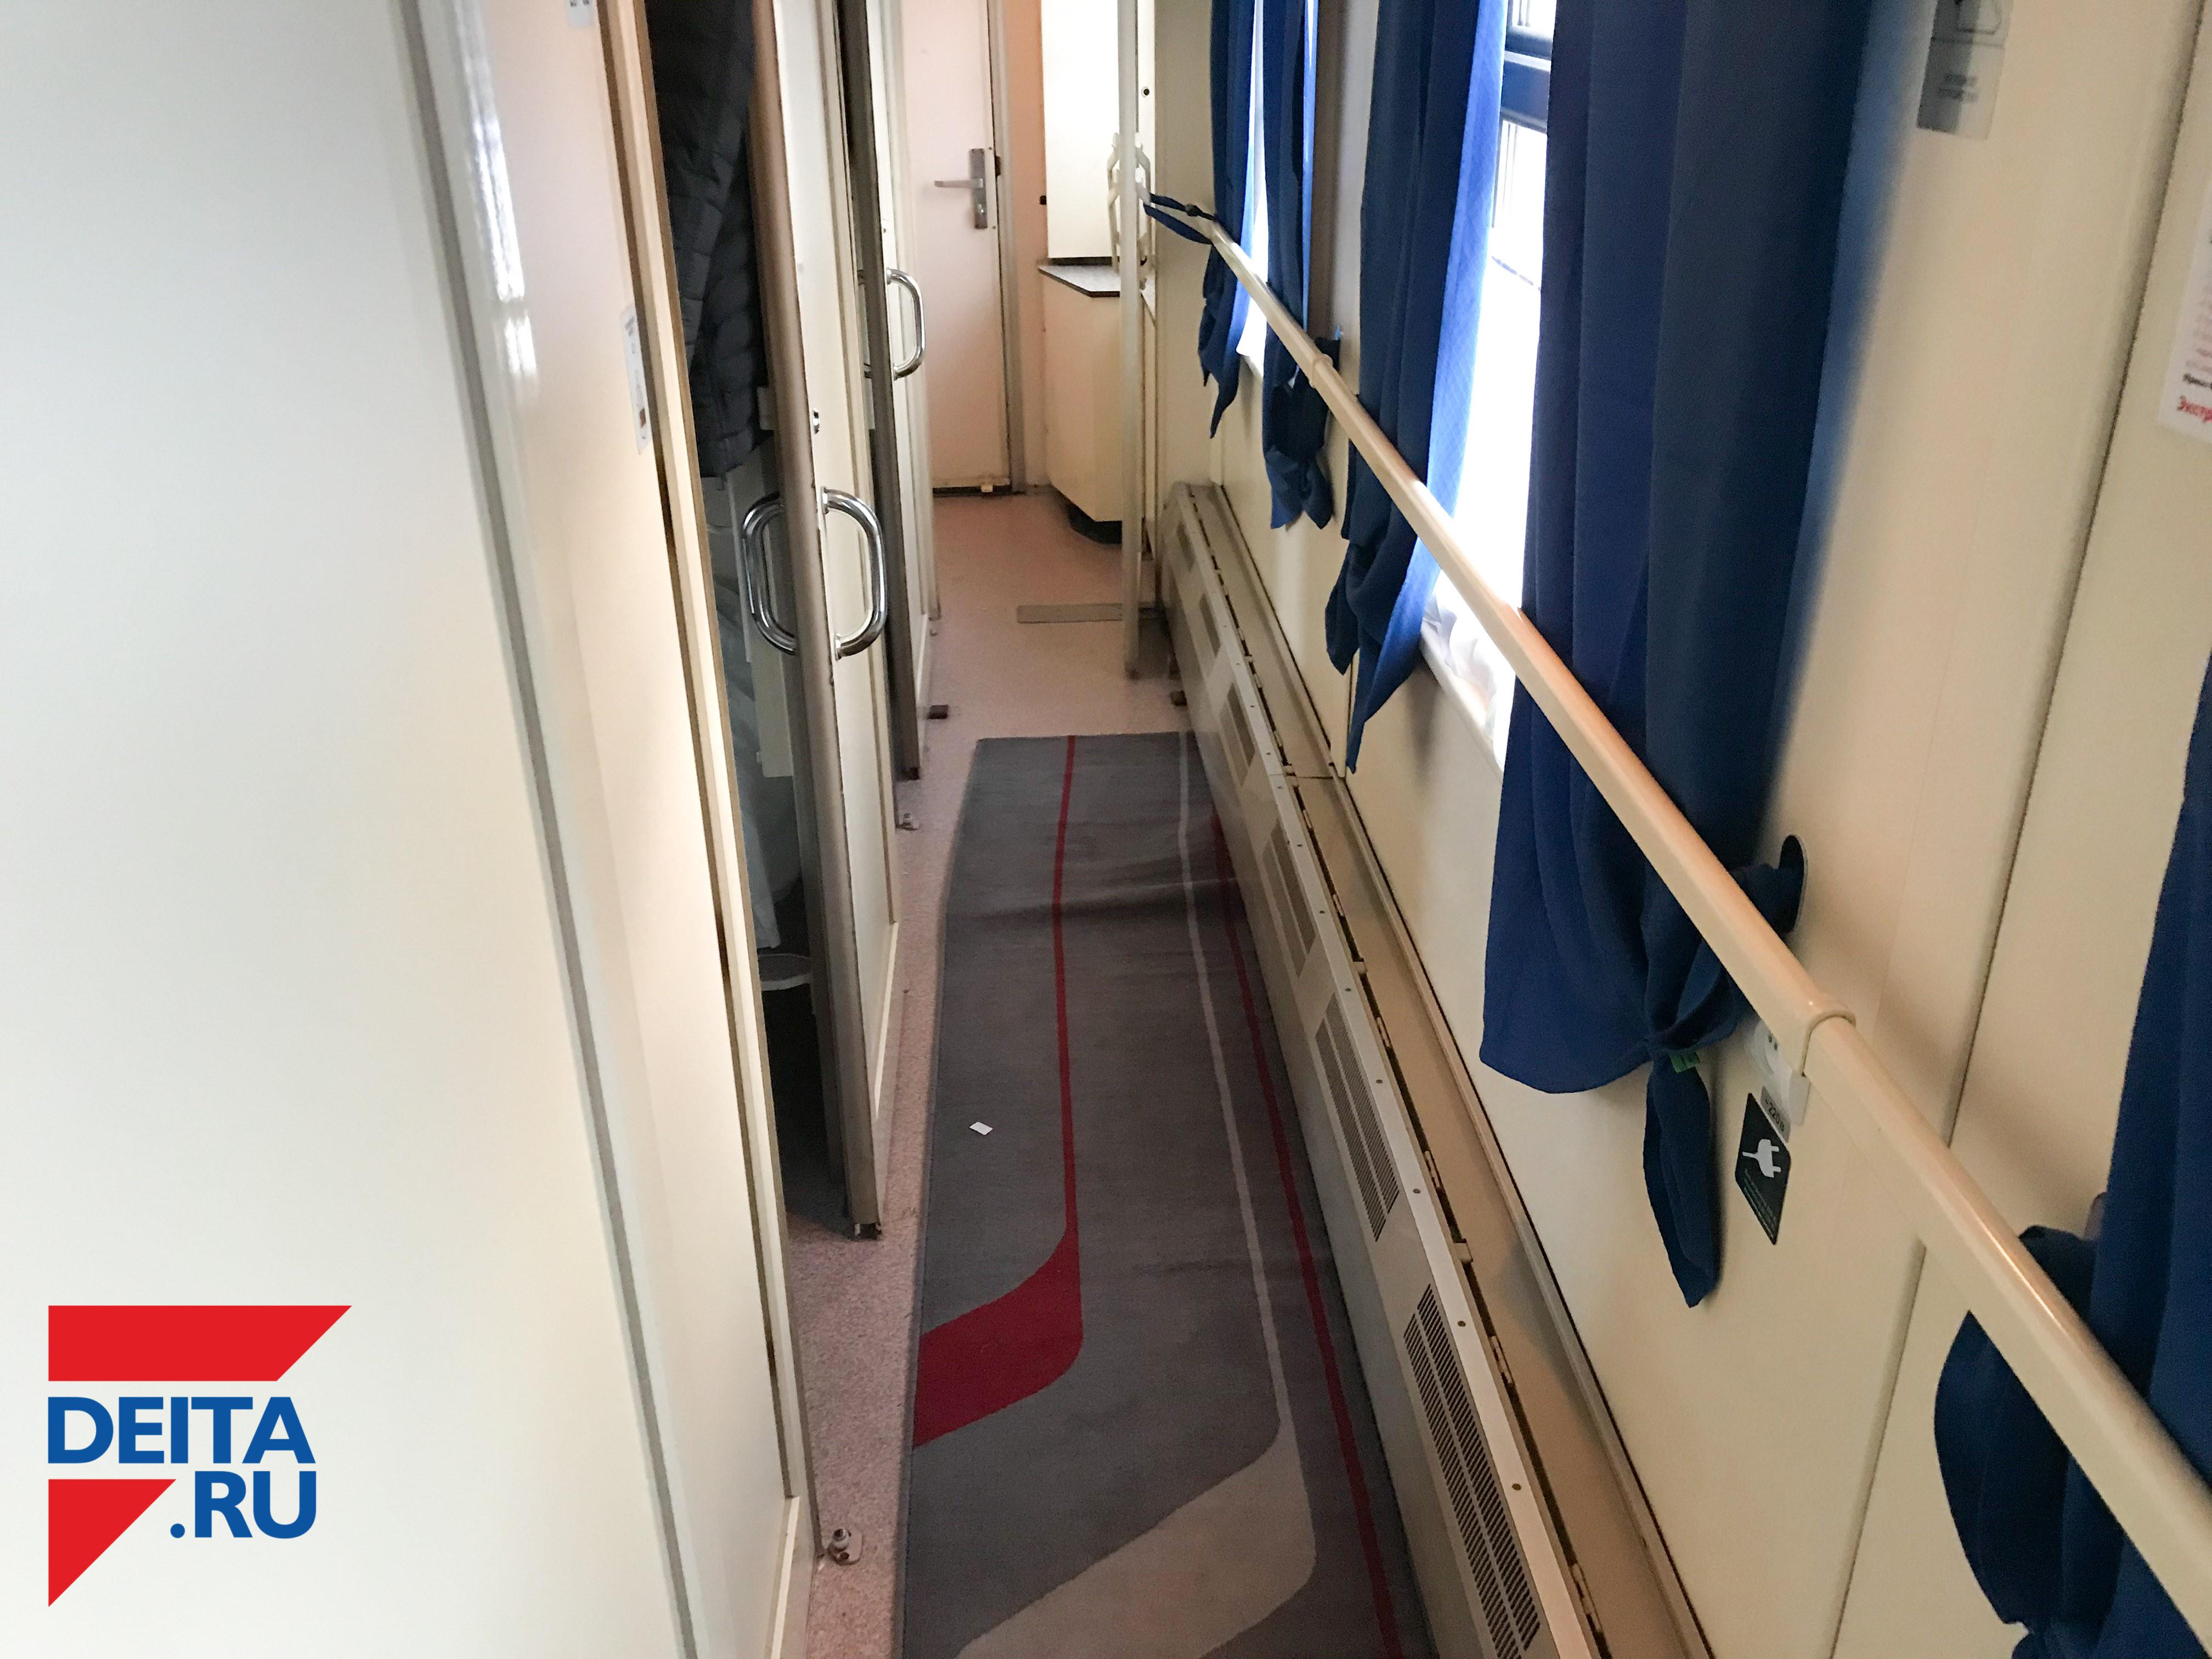 Неприятная история в поезде закончилась большим штрафом